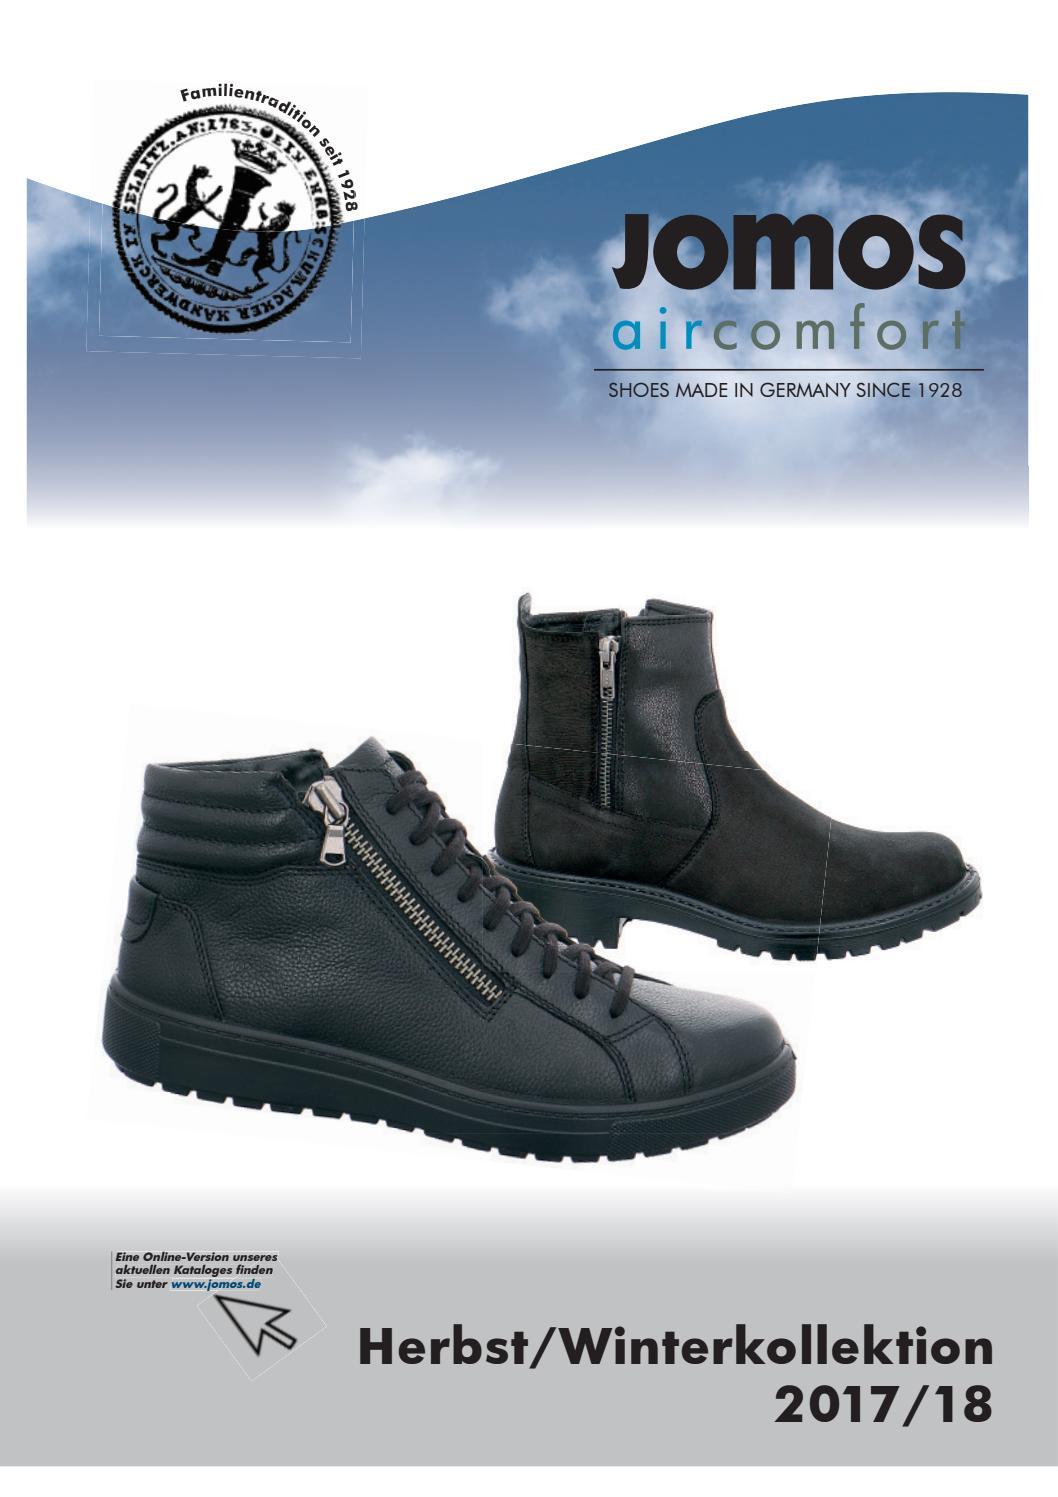 JOMOS AIR COMFORT Damen Schuhe LAMMFELL Stiefeletten Leder